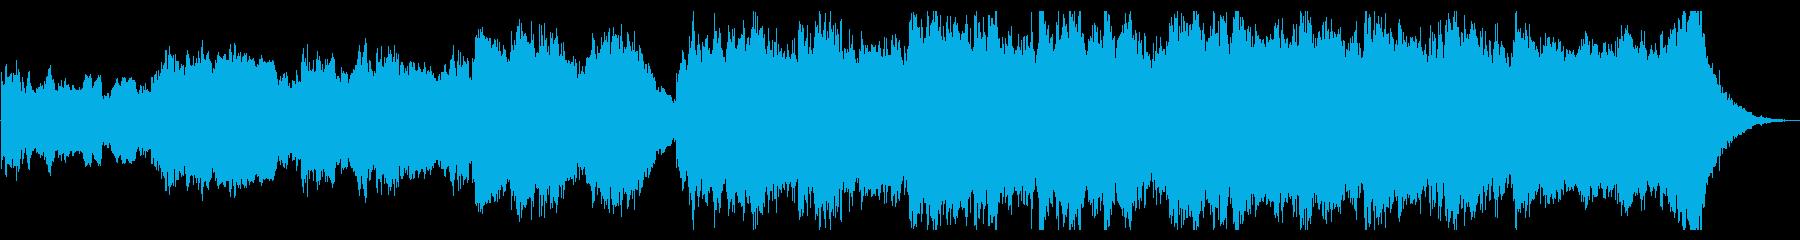 宇宙映画的オーケストラファンファーレの再生済みの波形